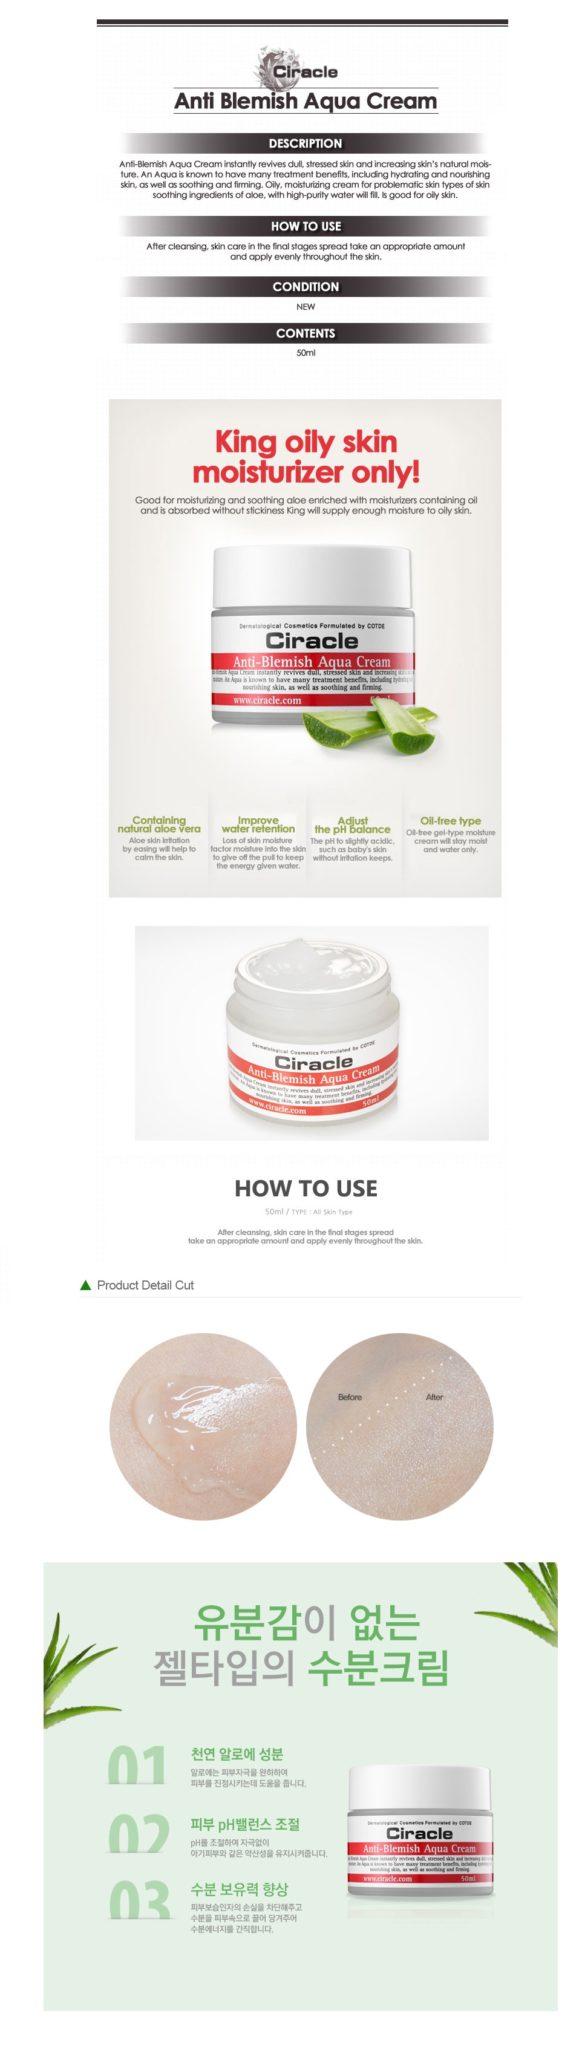 COSRX CIRACLE Anti Blemish Aqua Cream 50ml